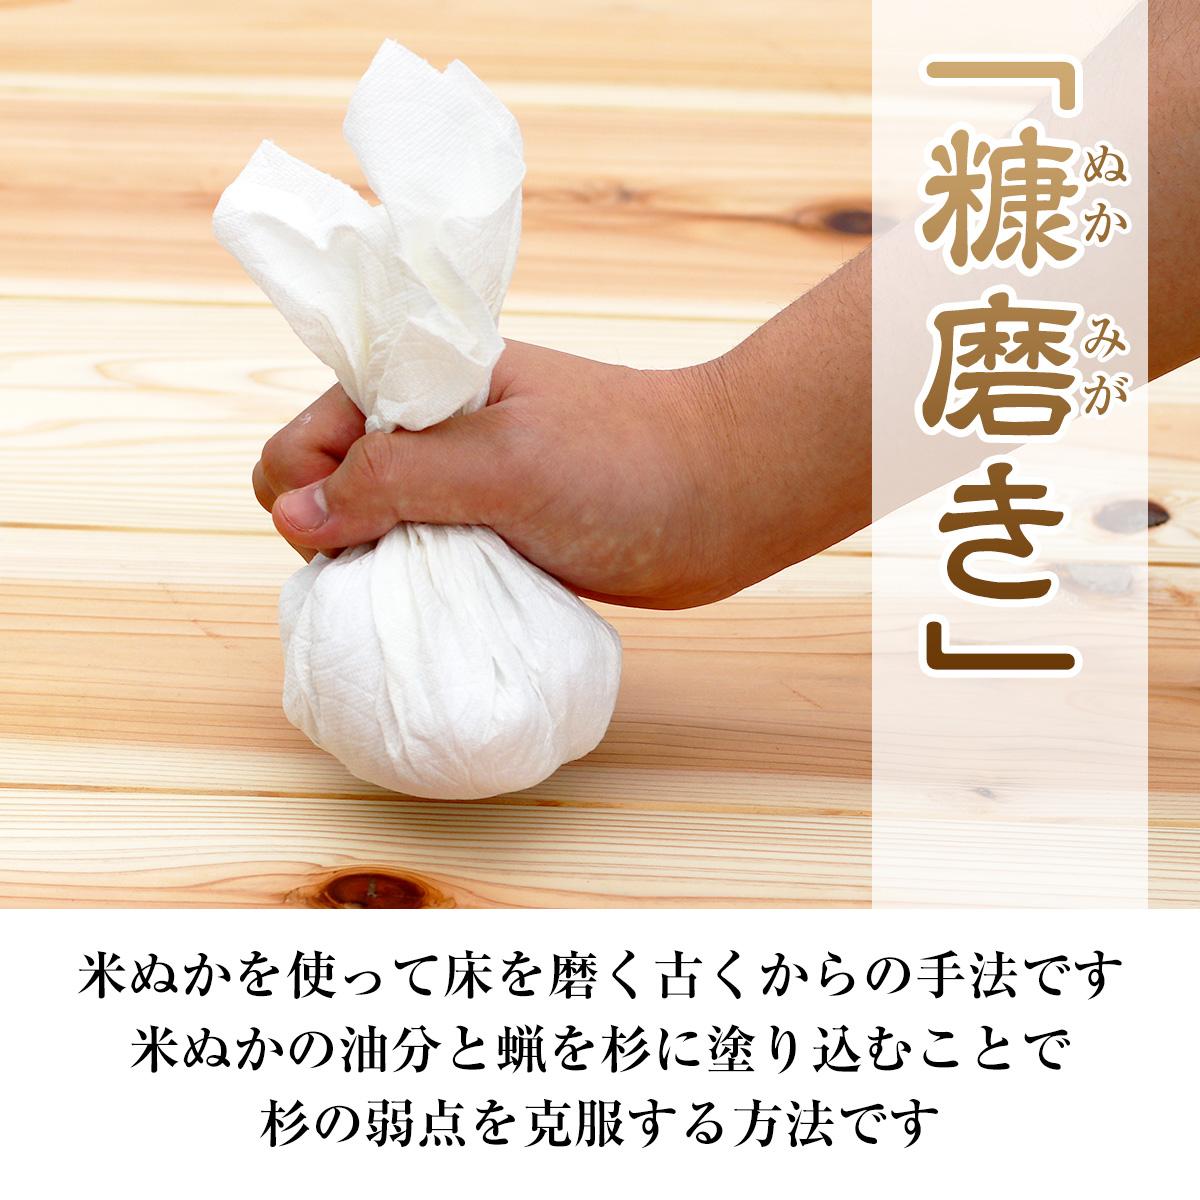 糠磨きとは、米ぬかを使って床を磨く古くからの手法です。米ぬかの油分と蝋を杉に塗り込むことで杉の弱点を克服する方法です